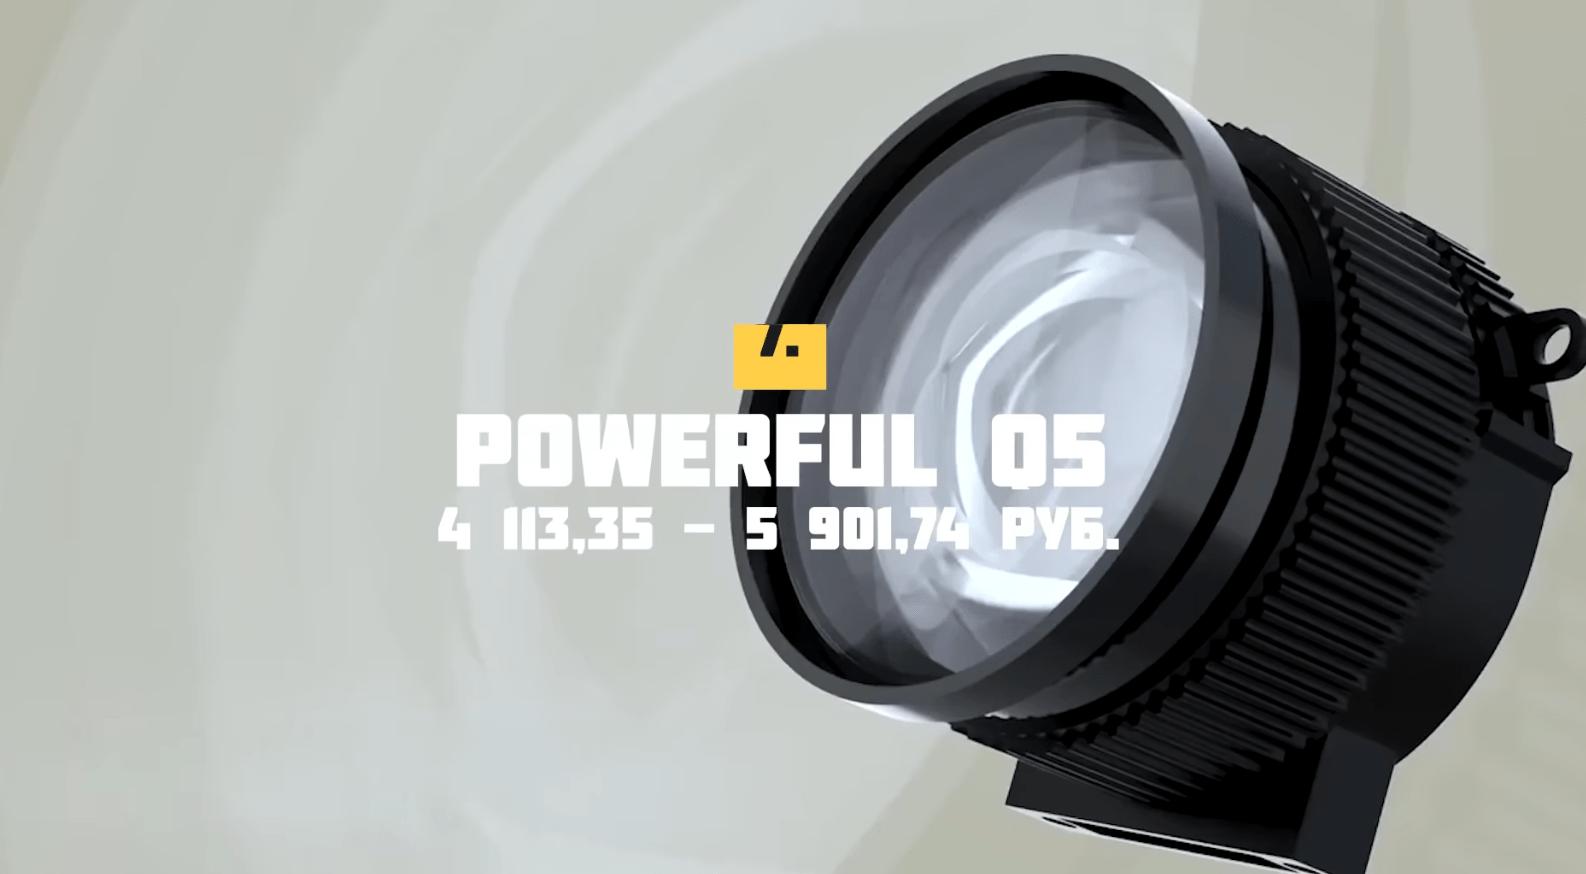 Проектор POWERFUL Q5